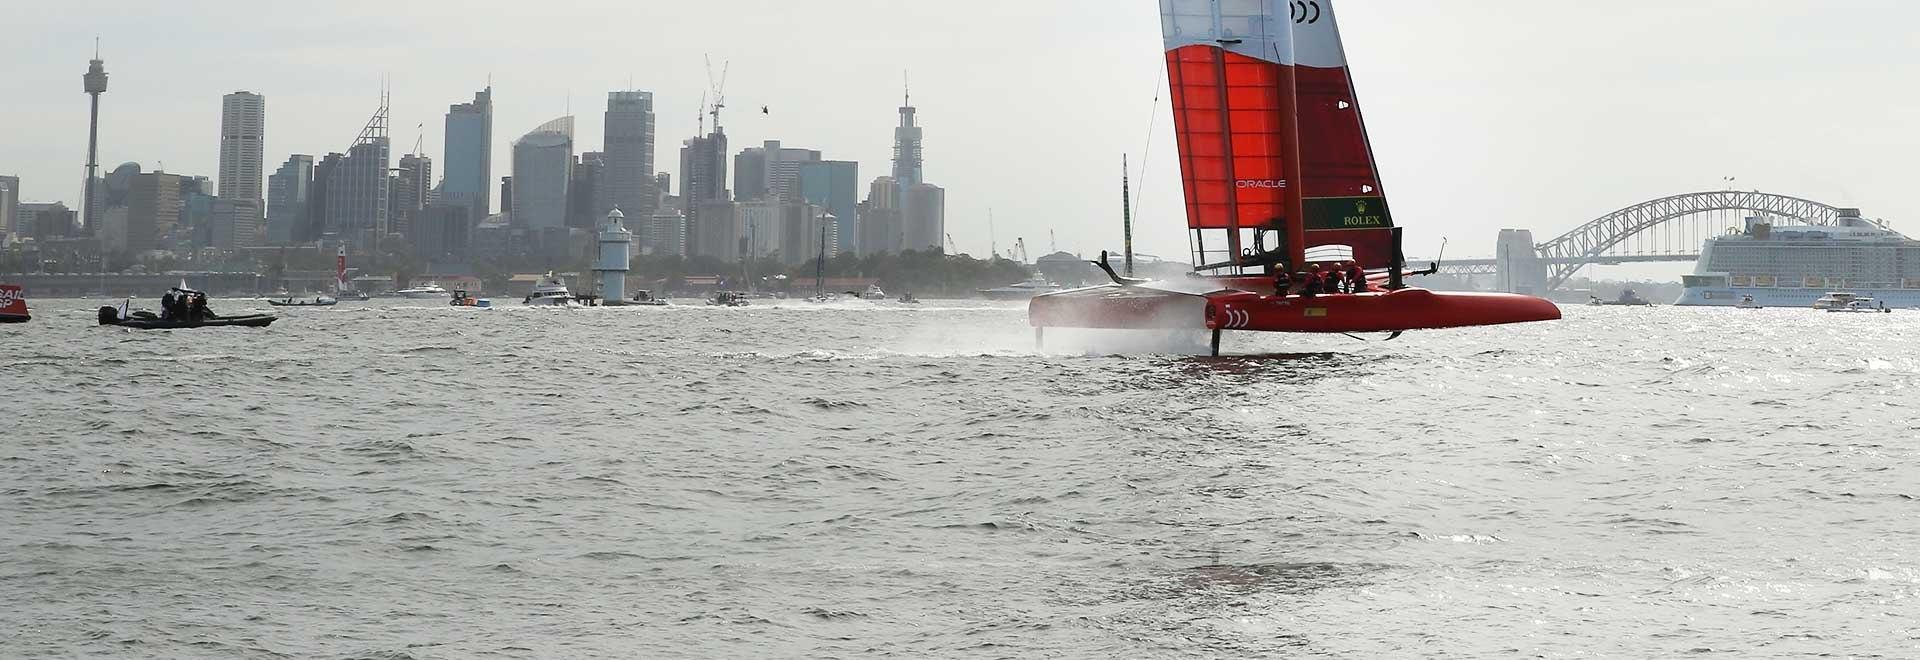 Sail GP Highlights Show